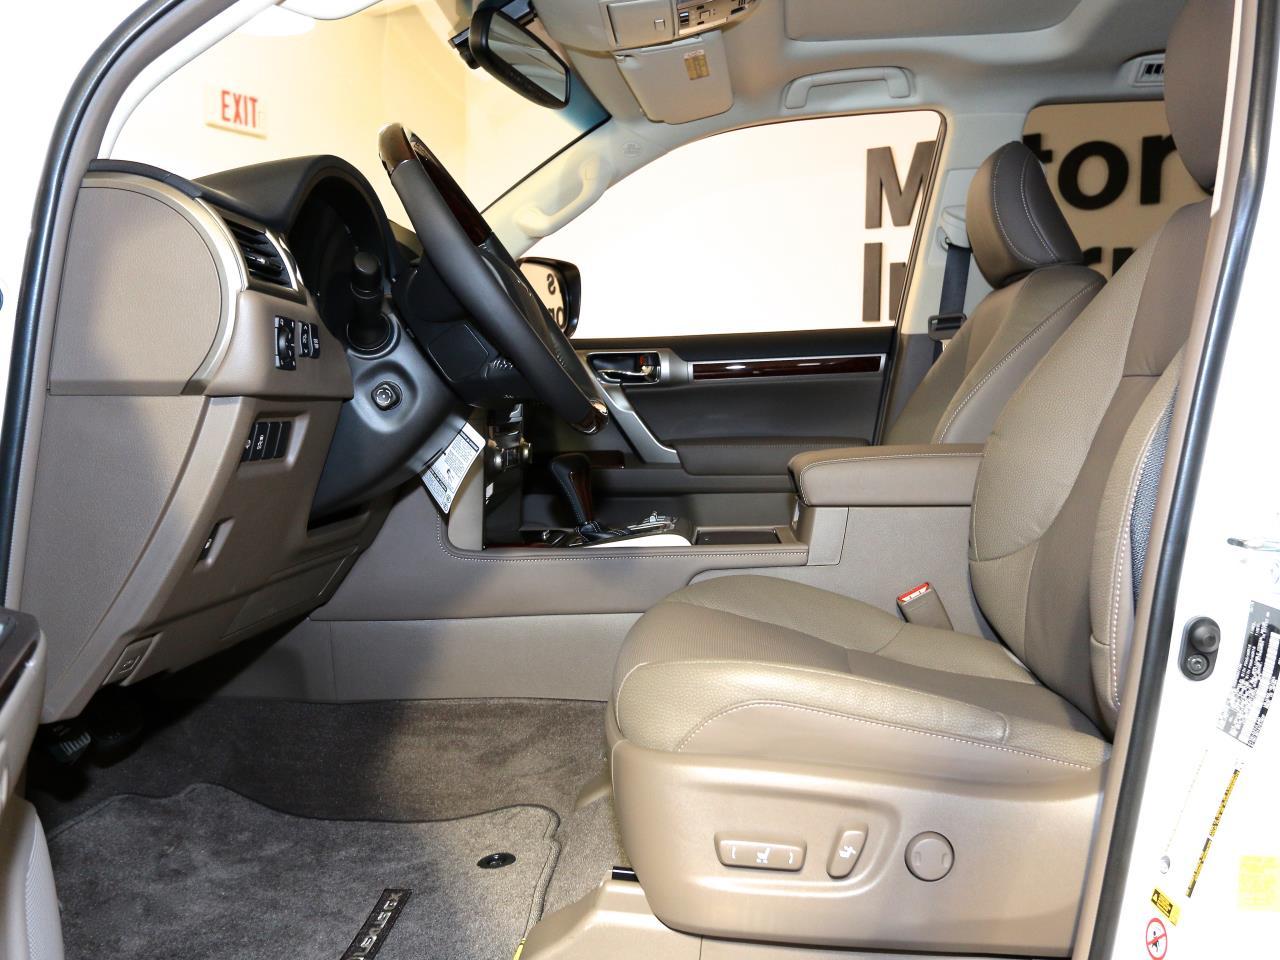 Sepia Gx Lexus 2016 460 Interior